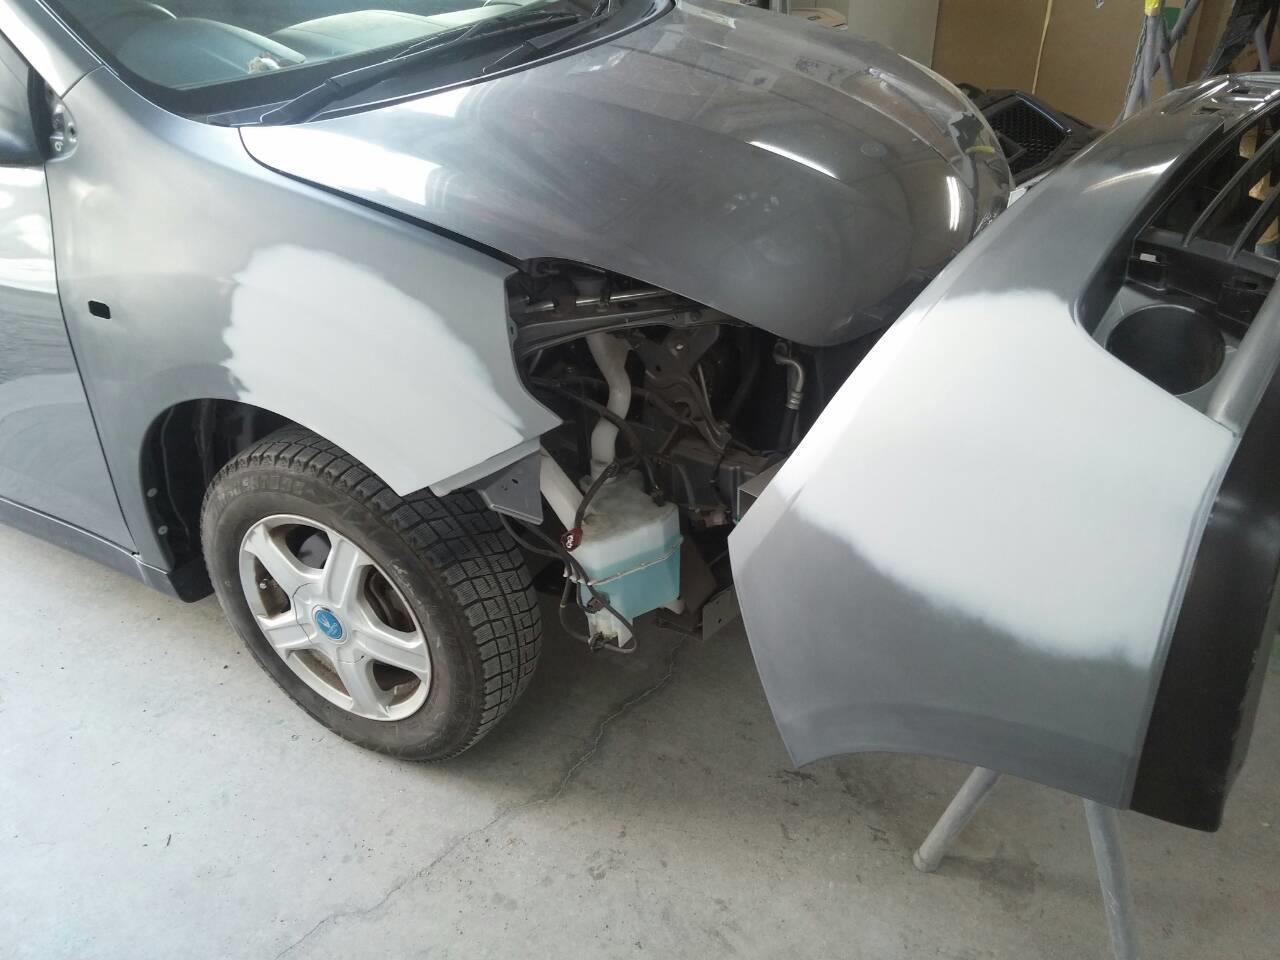 東京都立川市の車の板金塗装修理工場 ガレージローライドの日産 ウイングロードの右フロントフェンダー等のキズ へこみ の板金 修理 塗装 です。